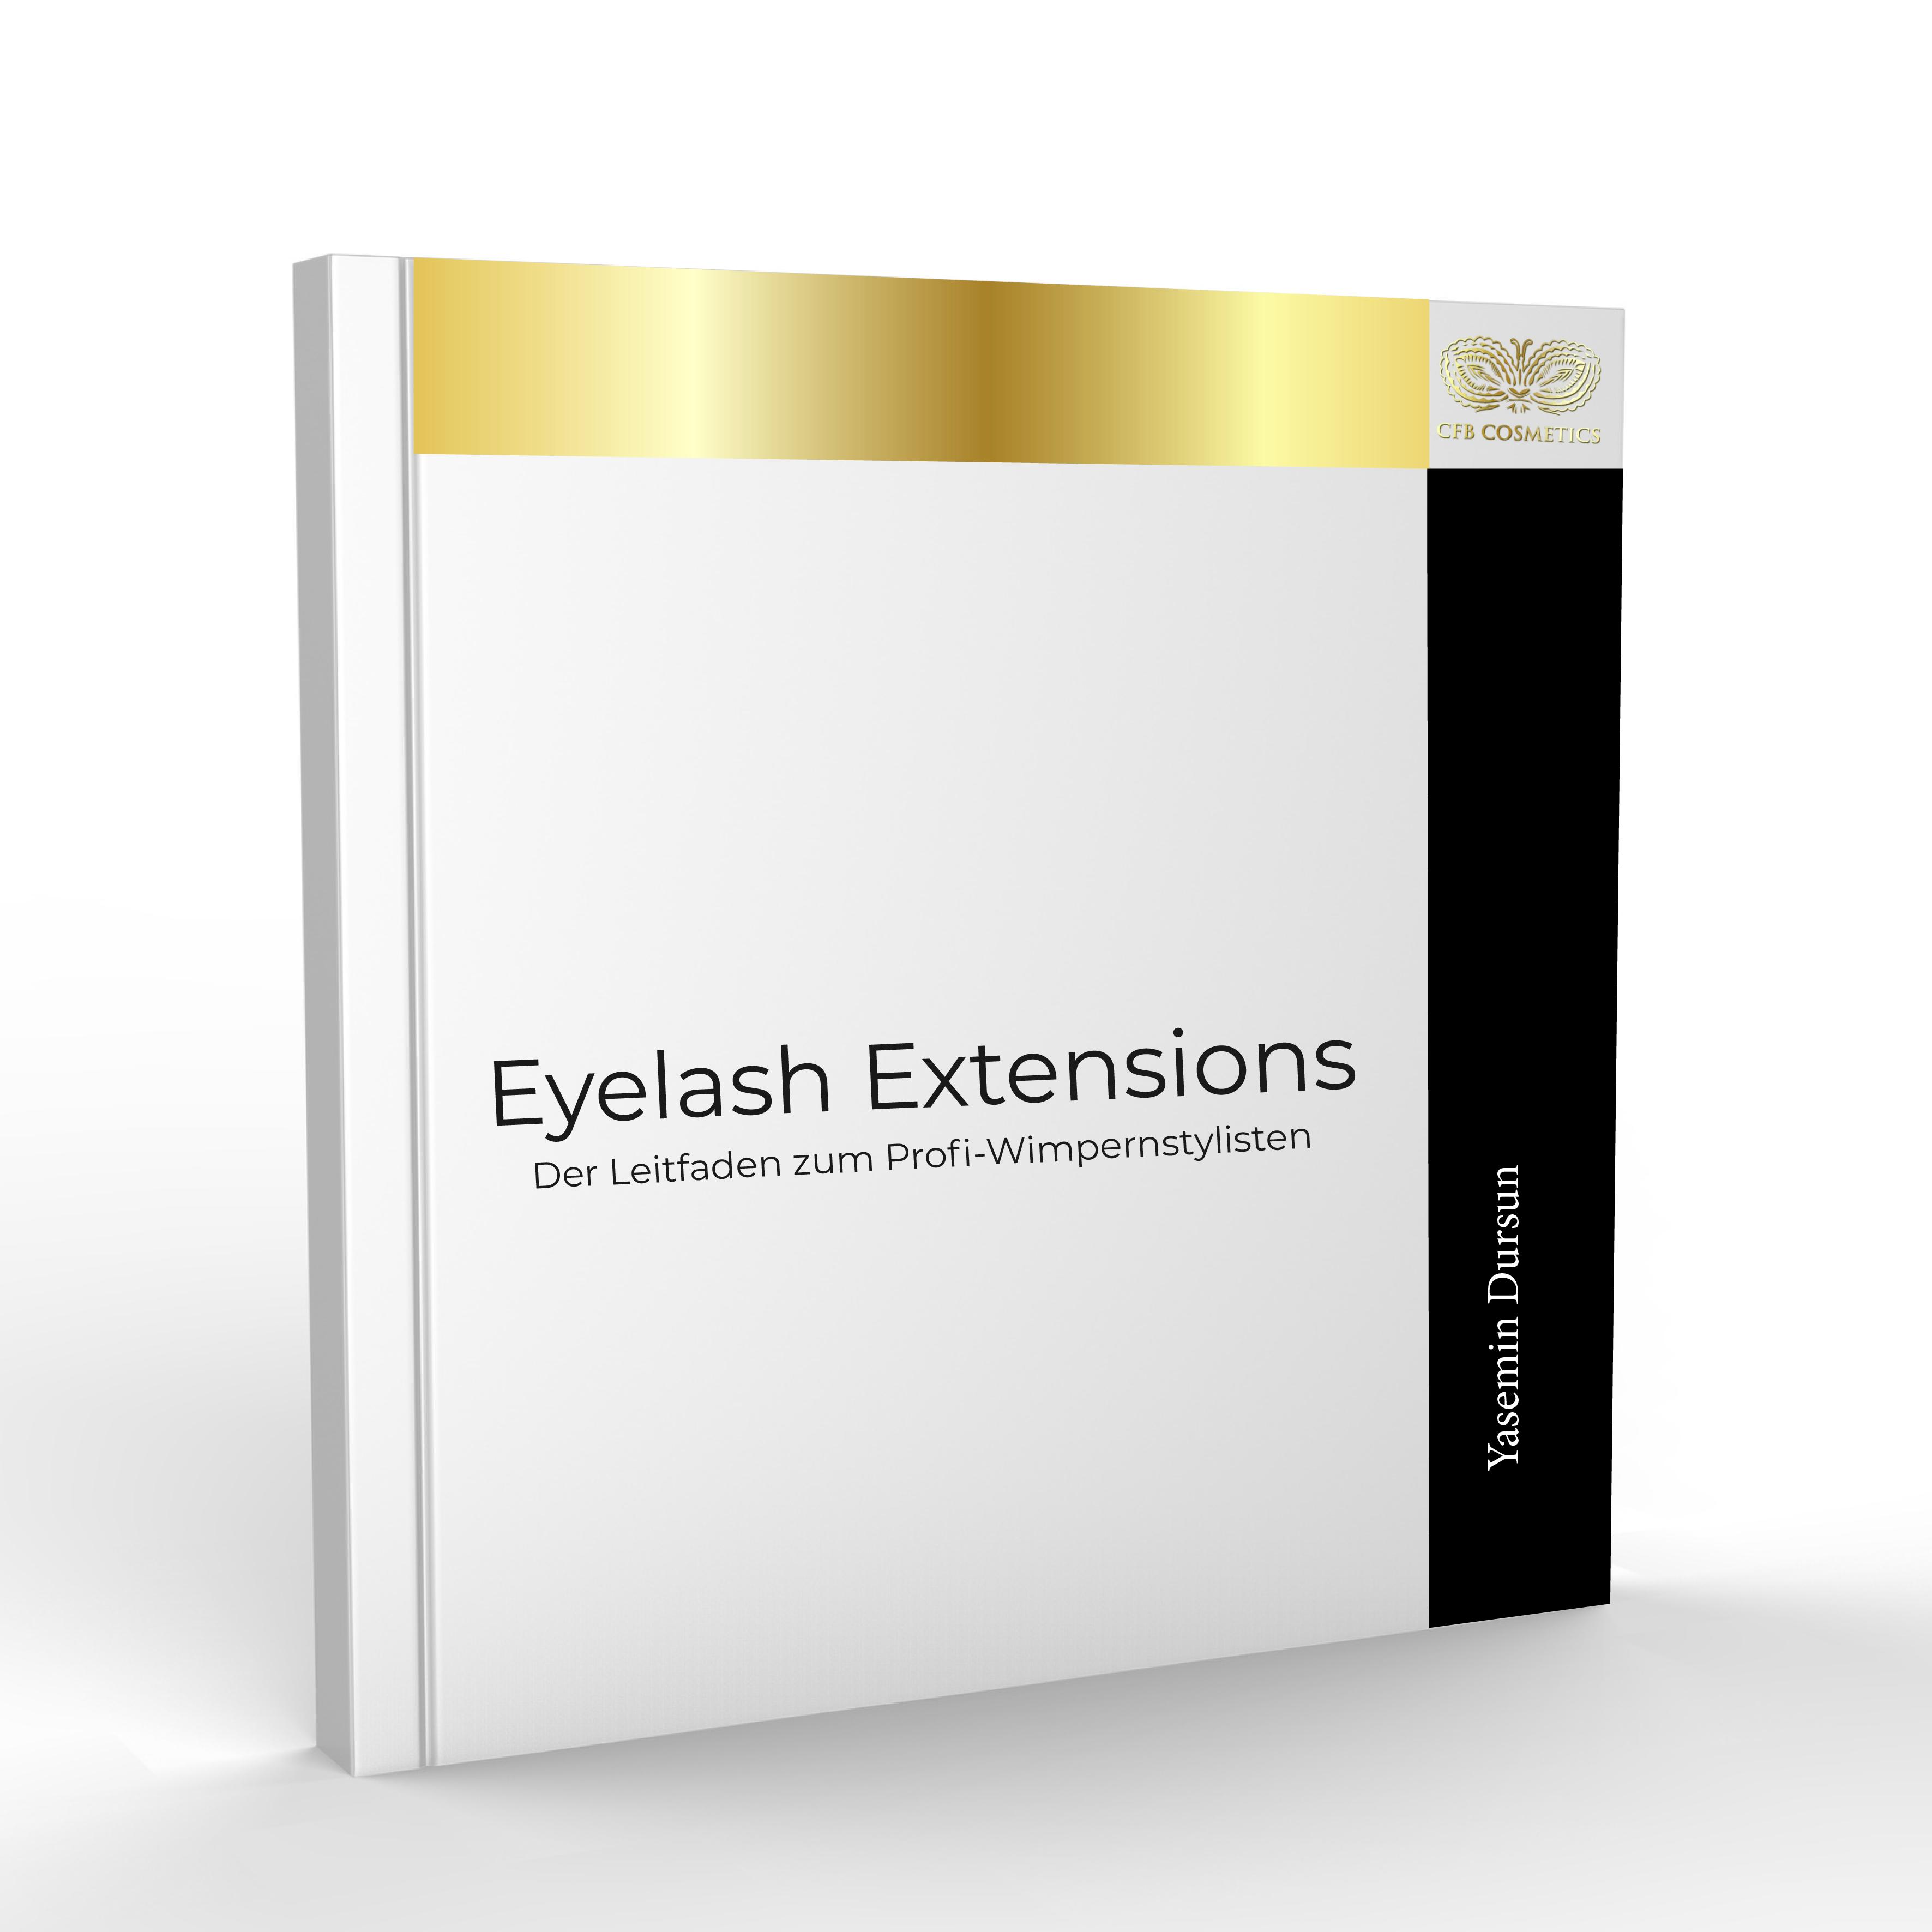 """Das Buch """"Eyelash Extensions"""" Ein Nachschlagewerk für alle Profis und die die es werden wollen"""